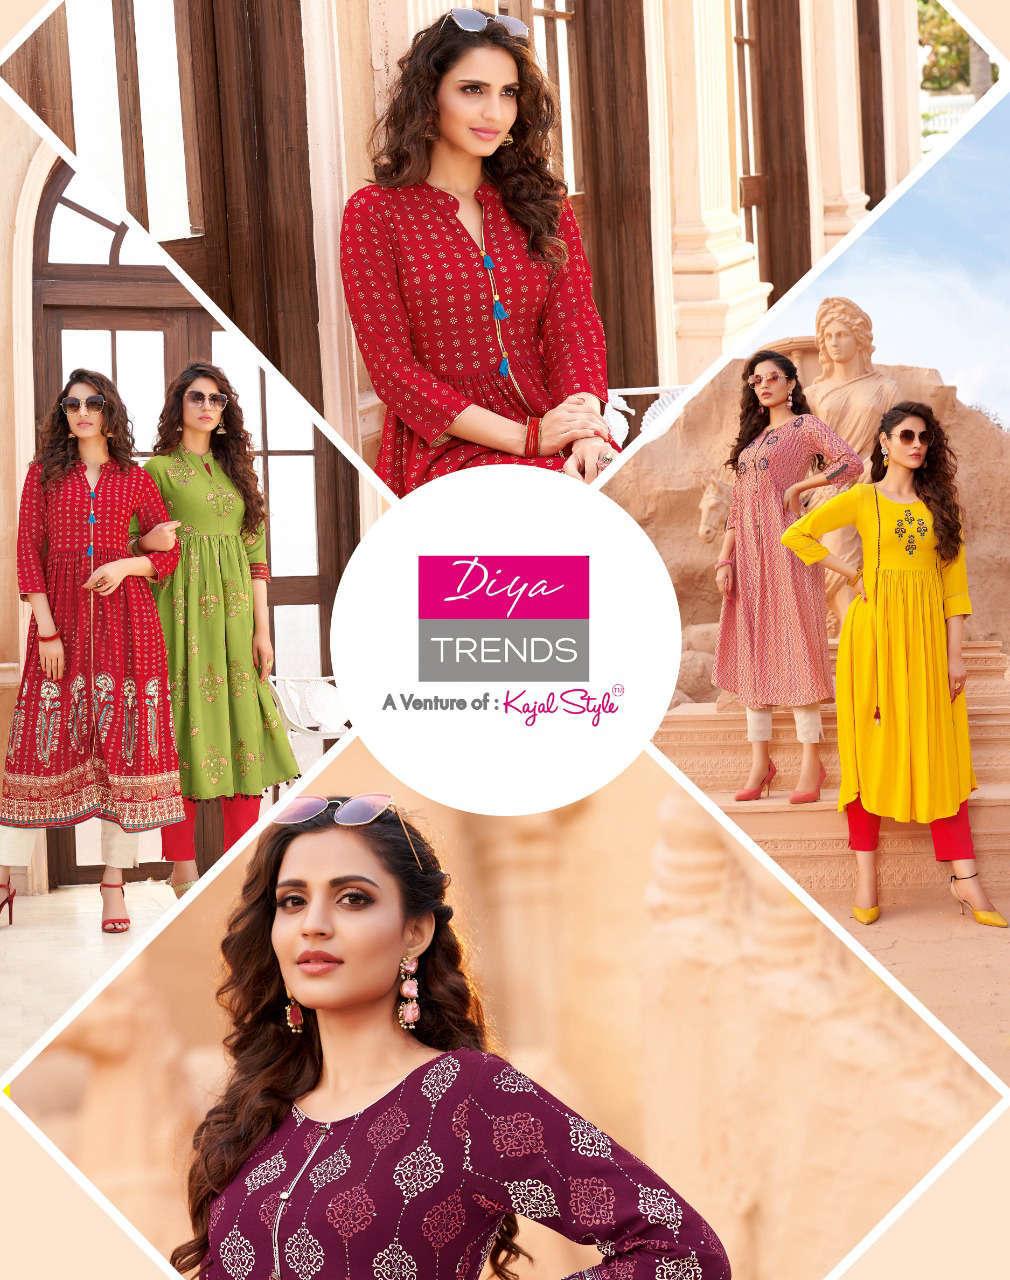 Diya Trends Ethnicity Vol 6 by Kajal Style Kurti Wholesale Catalog 10 Pcs 8 - Diya Trends Ethnicity Vol 6 by Kajal Style Kurti Wholesale Catalog 10 Pcs